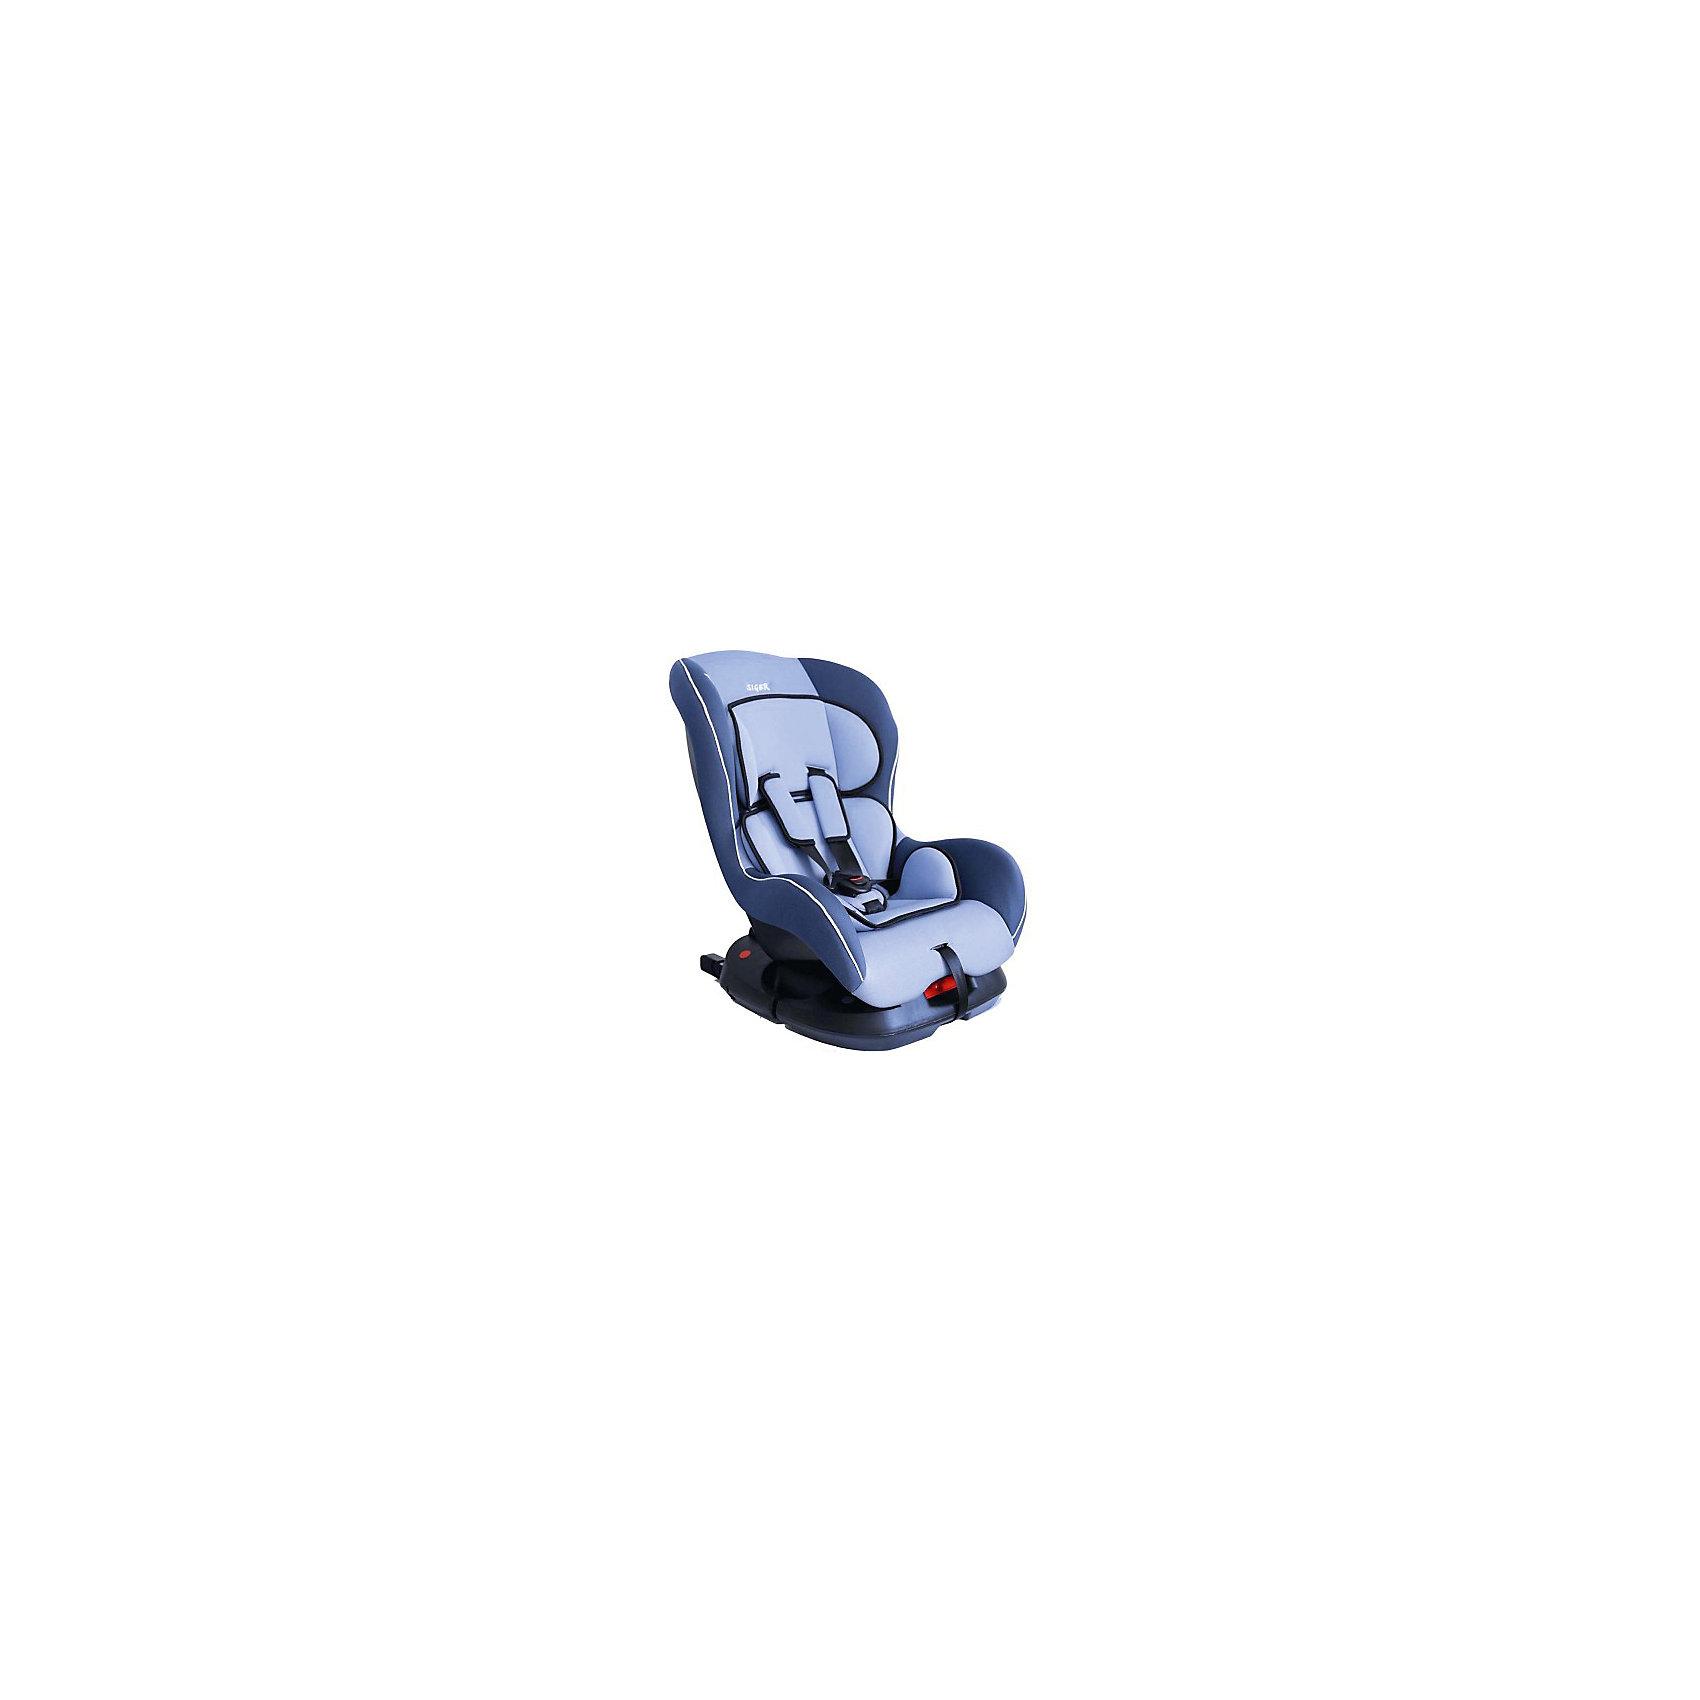 Автокресло Siger Наутилиус isofix 0-18 кг, голубойГруппа 0+, 1 (До 18 кг)<br>Автокресло Siger Наутилус Isofix обеспечивает высочайший уровень комфорта и безопасности для Вашего малыша. Благодаря удобной анатомической форме сидения и системе наклона кресла, ребенок находится в удобном положении всю поездку. Отличительным свойством автокресла является простота и надежность крепления его к автомобилю, благодаря системе ISOFIX.<br><br>Дополнительная информация:<br><br>- Материал: текстиль, пластик, металл.<br>- Размер: 62x59x45 см<br>- Возраст: от 0 месяцев до 4 лет<br>- Группа: 0/1 (до 18 кг)<br>- Вес кресла: 5.7 кг<br>- Внутренние 5-точечные ремни безопасности<br>- 5 положений регулировки наклона кресла<br>- Вид крепления: система IZOFIX<br><br>Автокресло Наутилиус isofix 0-18 кг., Siger, голубой можно купить в нашем интернет-магазине.<br><br>Ширина мм: 620<br>Глубина мм: 450<br>Высота мм: 620<br>Вес г: 6700<br>Возраст от месяцев: 0<br>Возраст до месяцев: 48<br>Пол: Унисекс<br>Возраст: Детский<br>SKU: 4809120